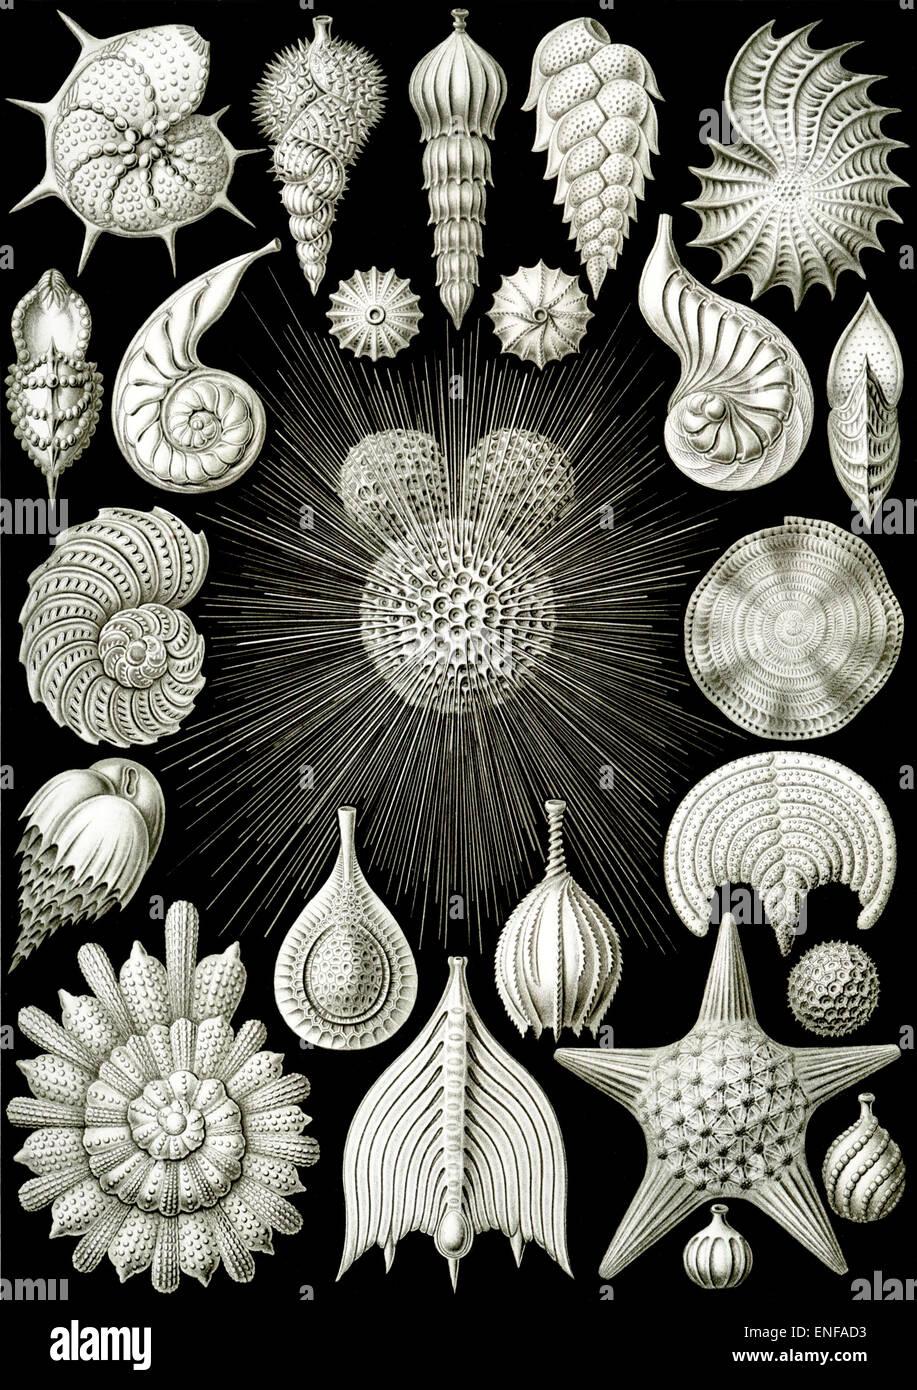 (Thalamphora plancton marino), por Ernst Haeckel, 1904 - sólo para uso editorial. Foto de stock